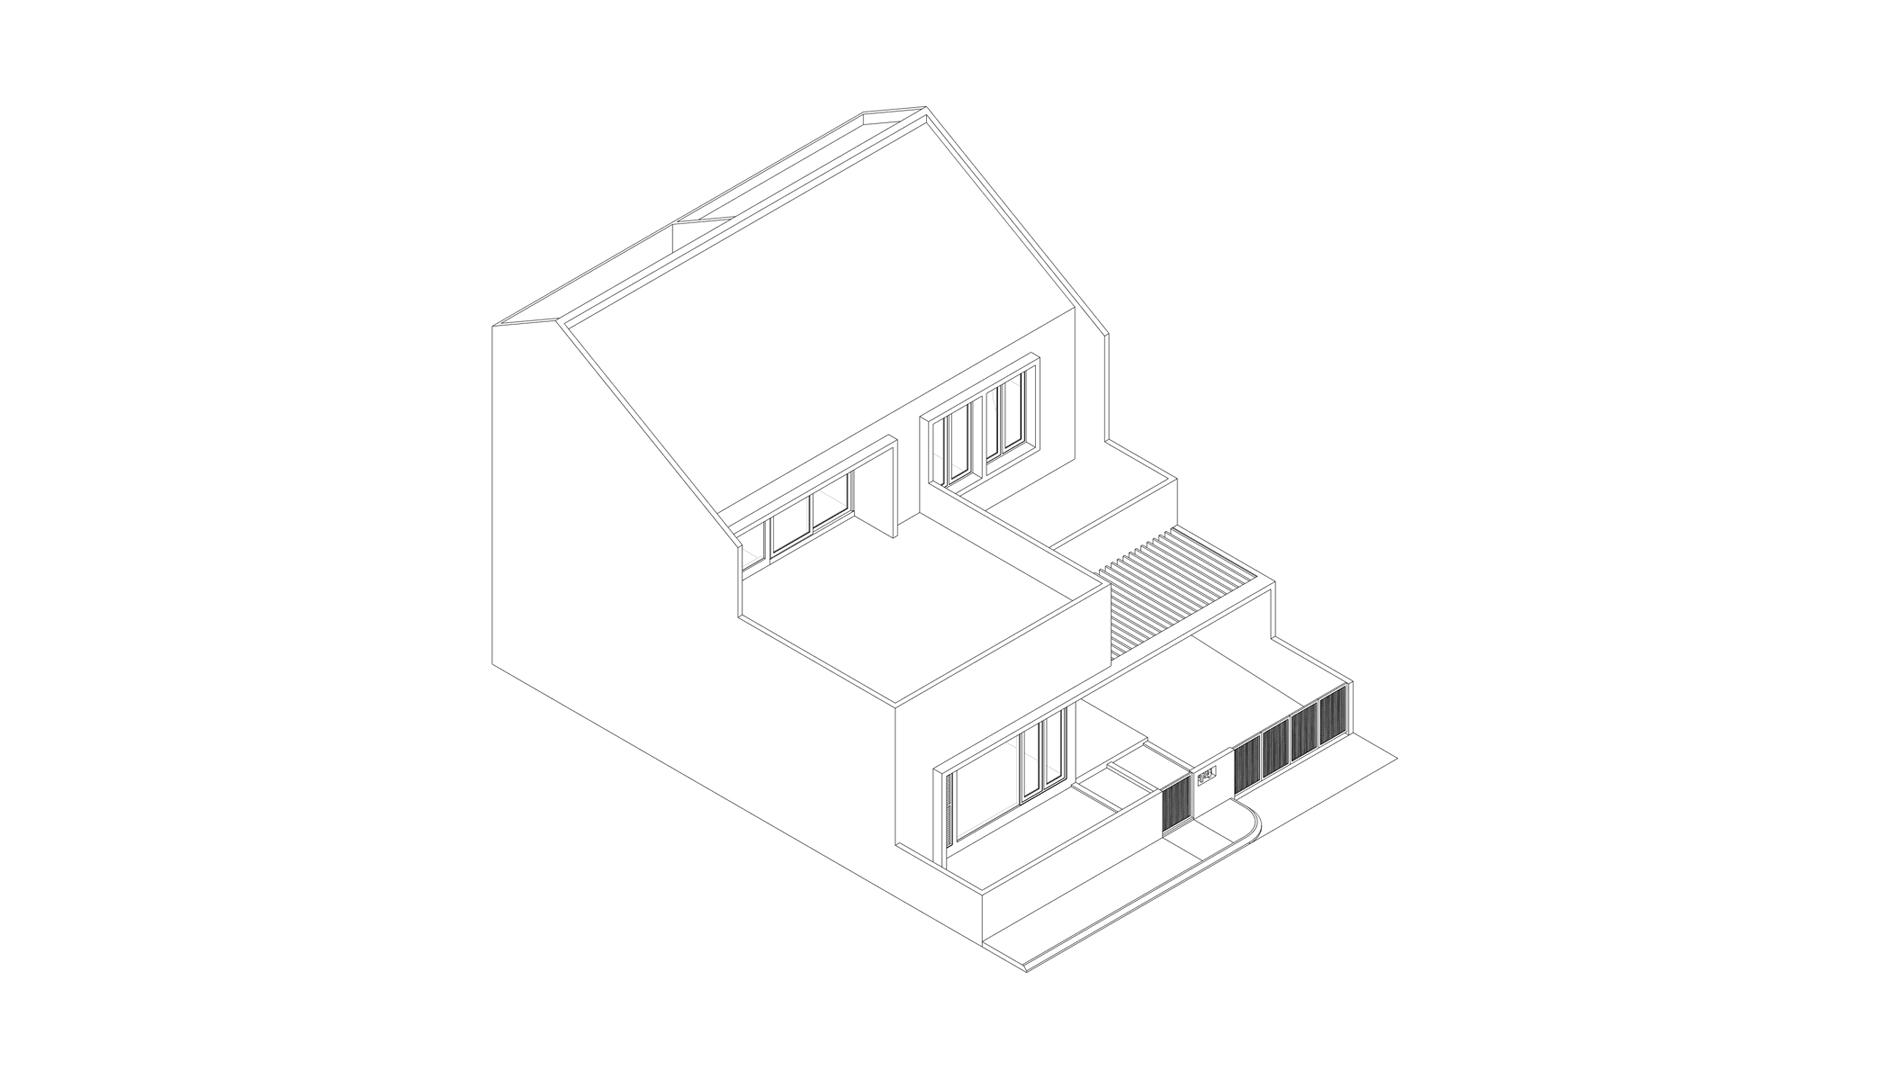 2015-A14-HOUSE-001